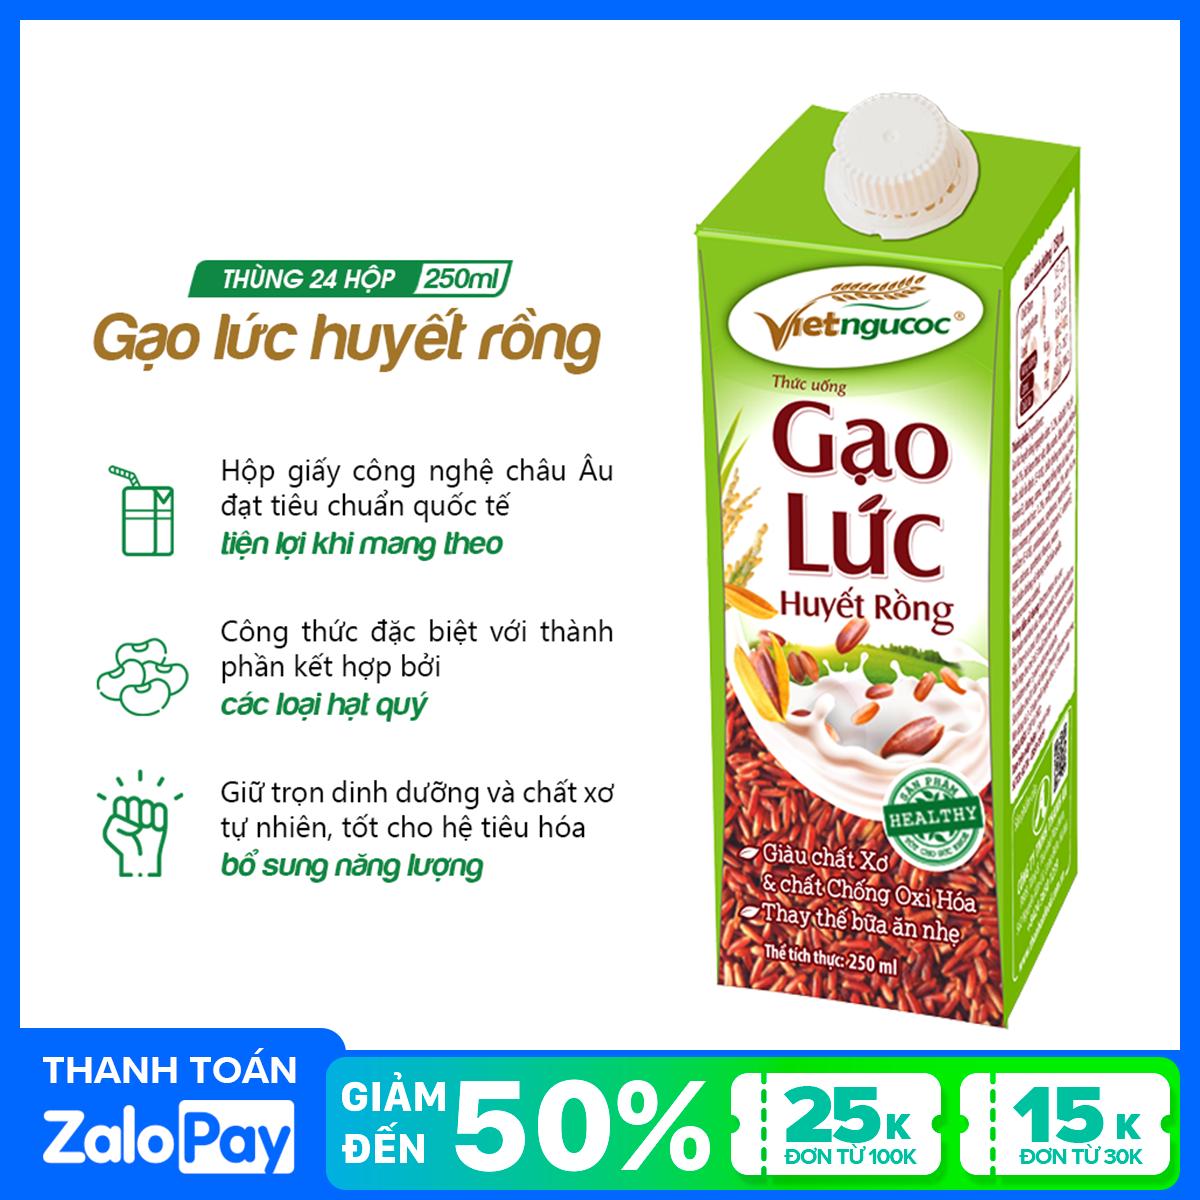 [Date 25.5.2021] Thùng 24 hộp thức uống Gạo lức huyết rồng Việt Ngũ Cốc – 250ml/hộp